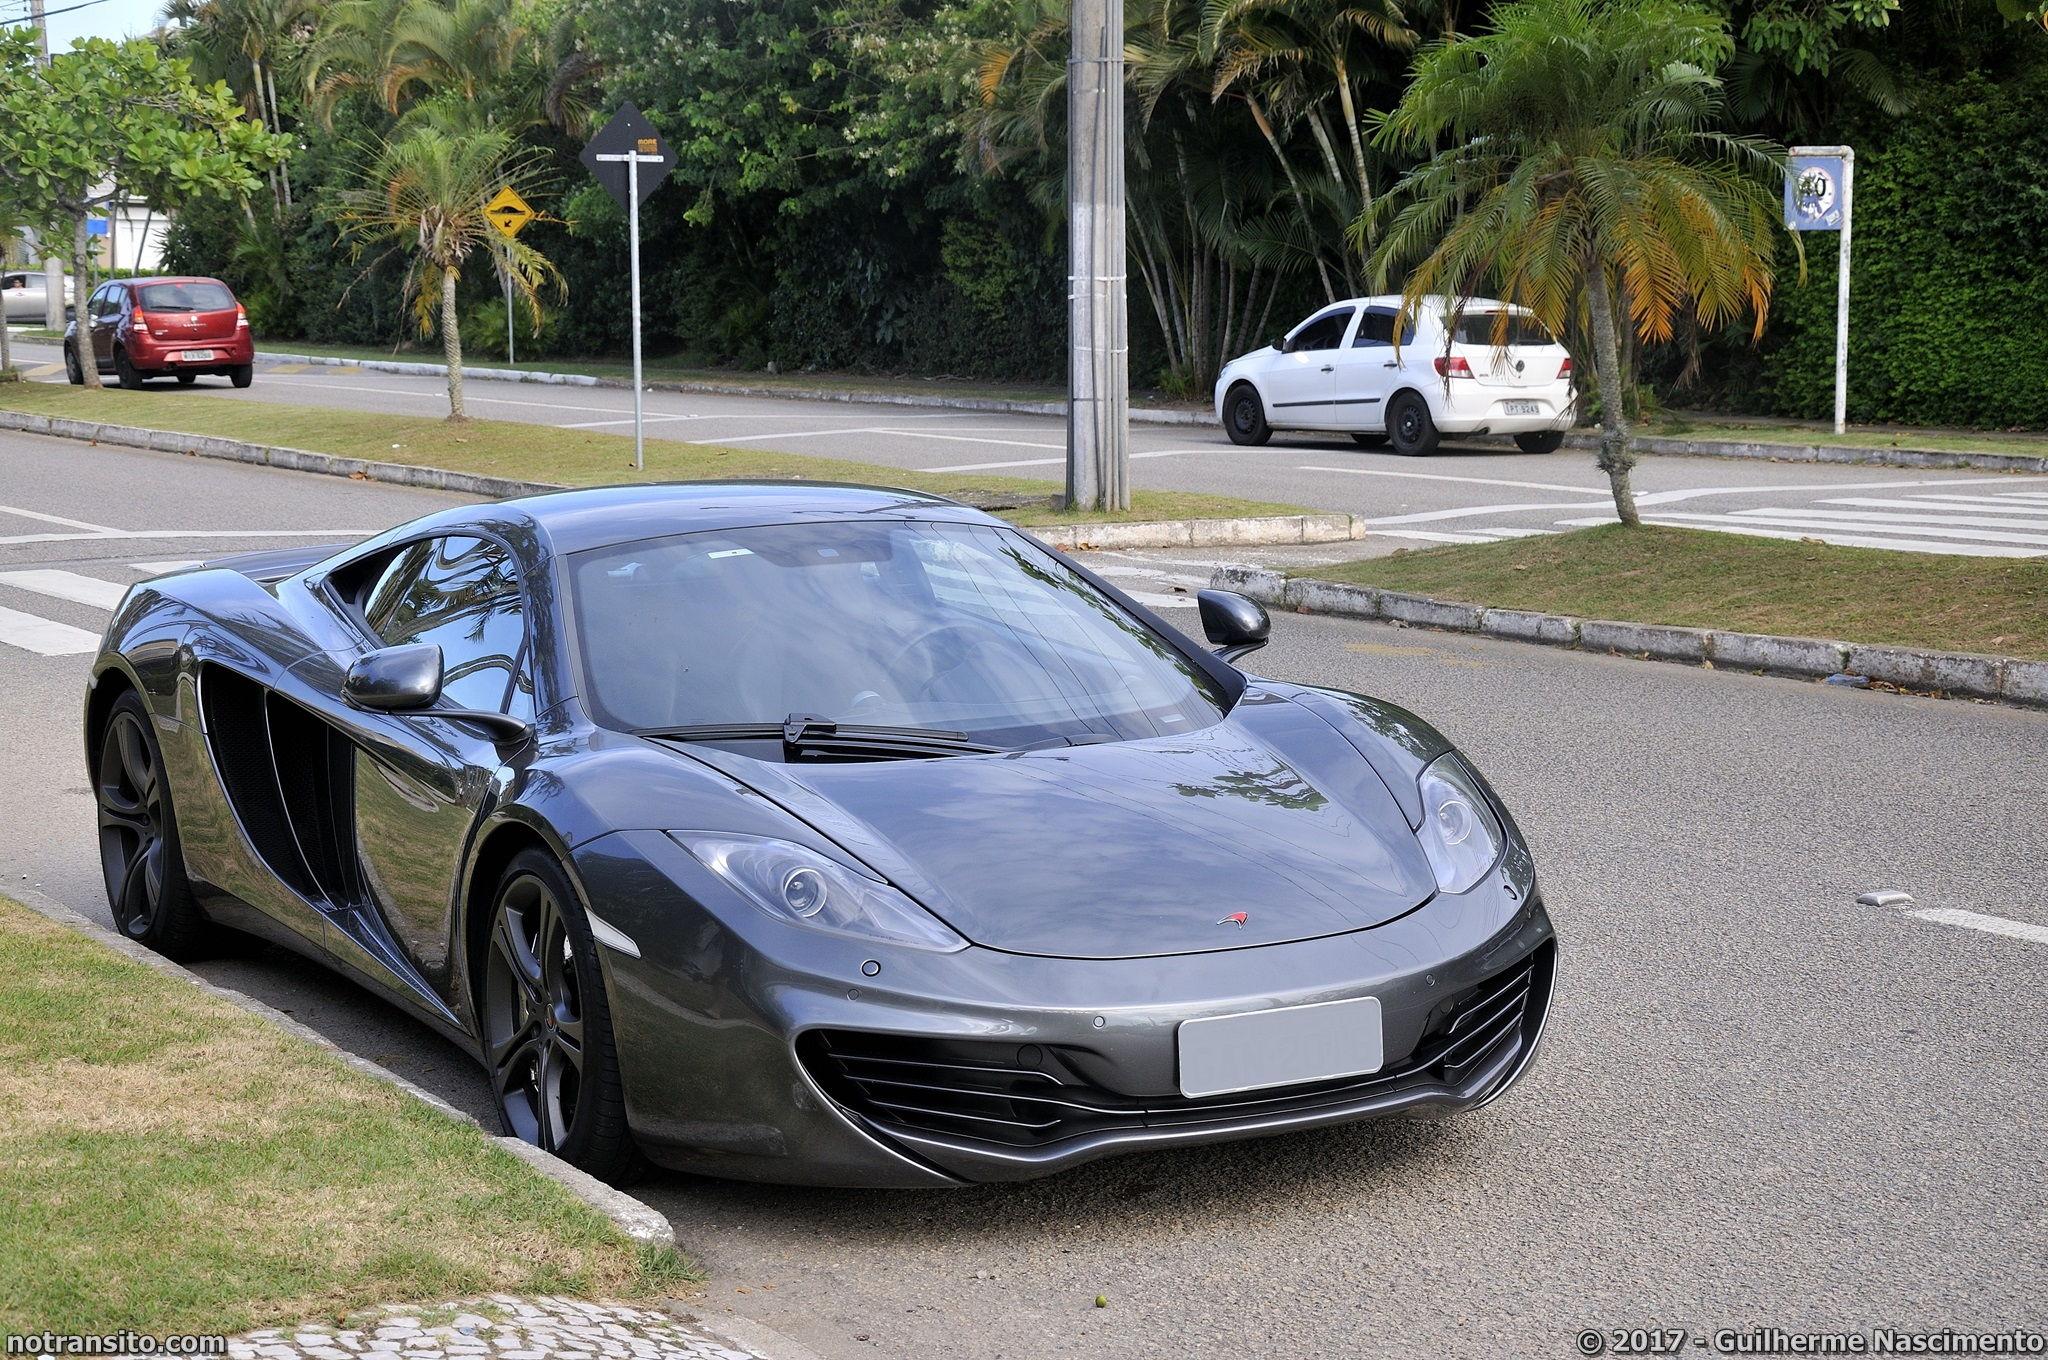 Lamborghini-Aventador-LP-700-4-McLaren-MP4-12C-016